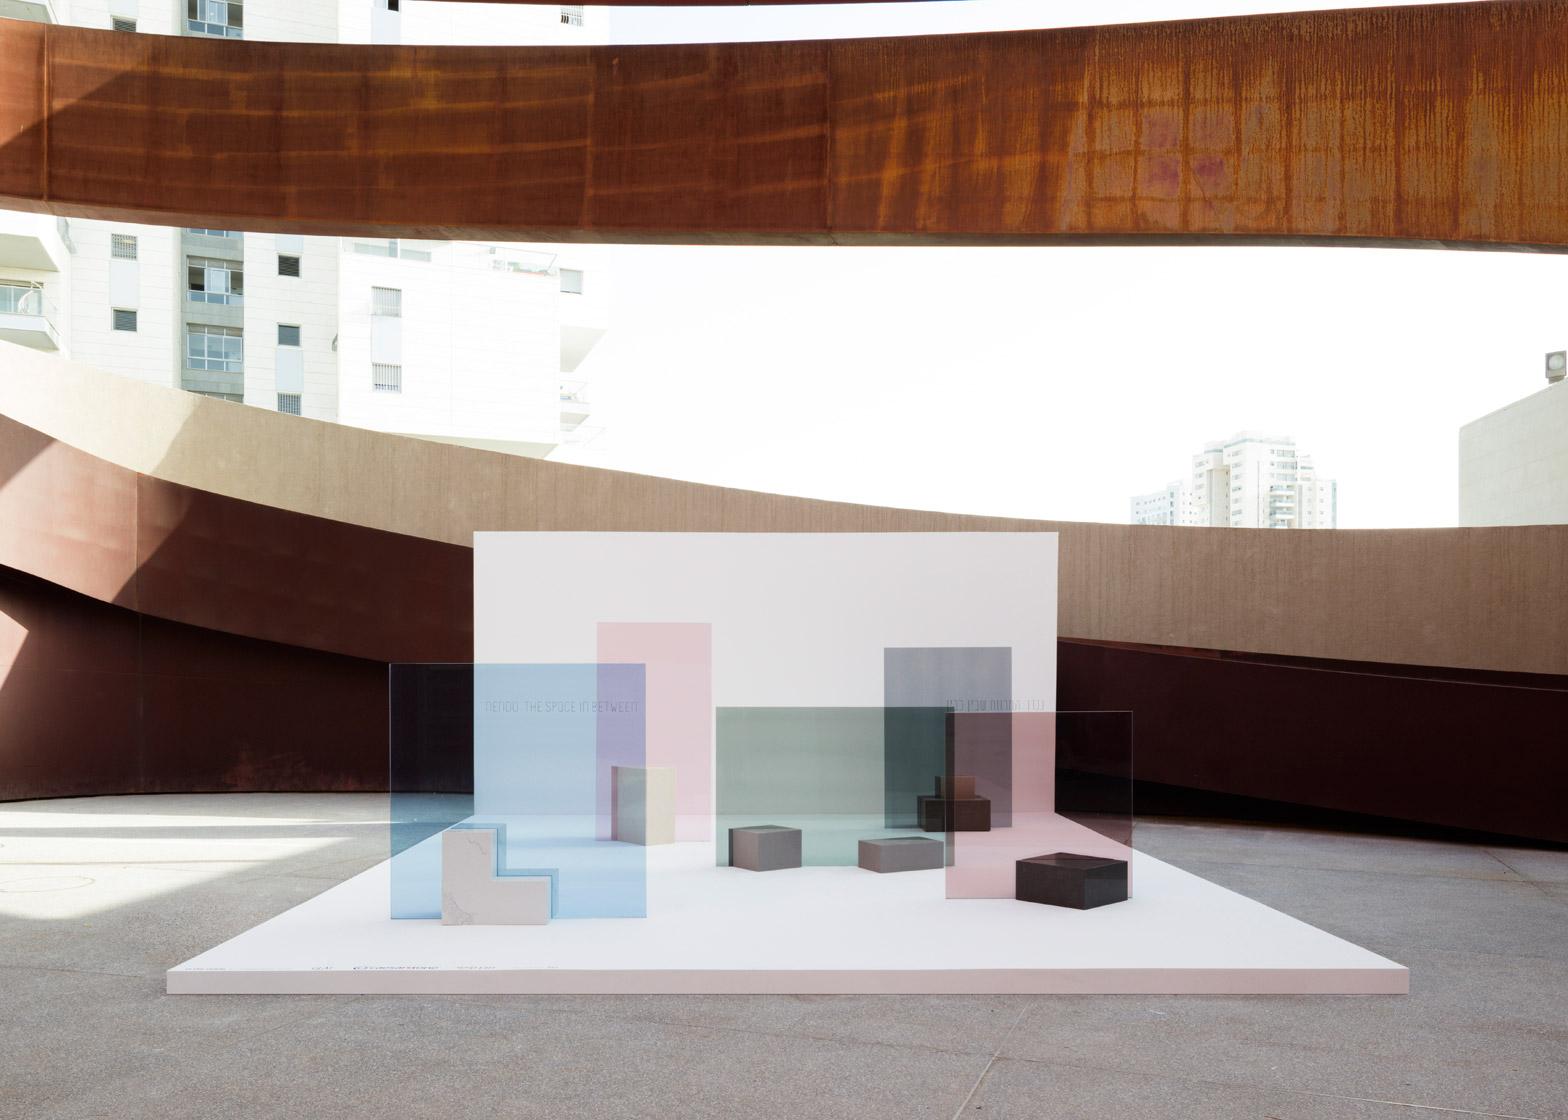 Уникальная выставка мебели в белом цвете - Фото 8